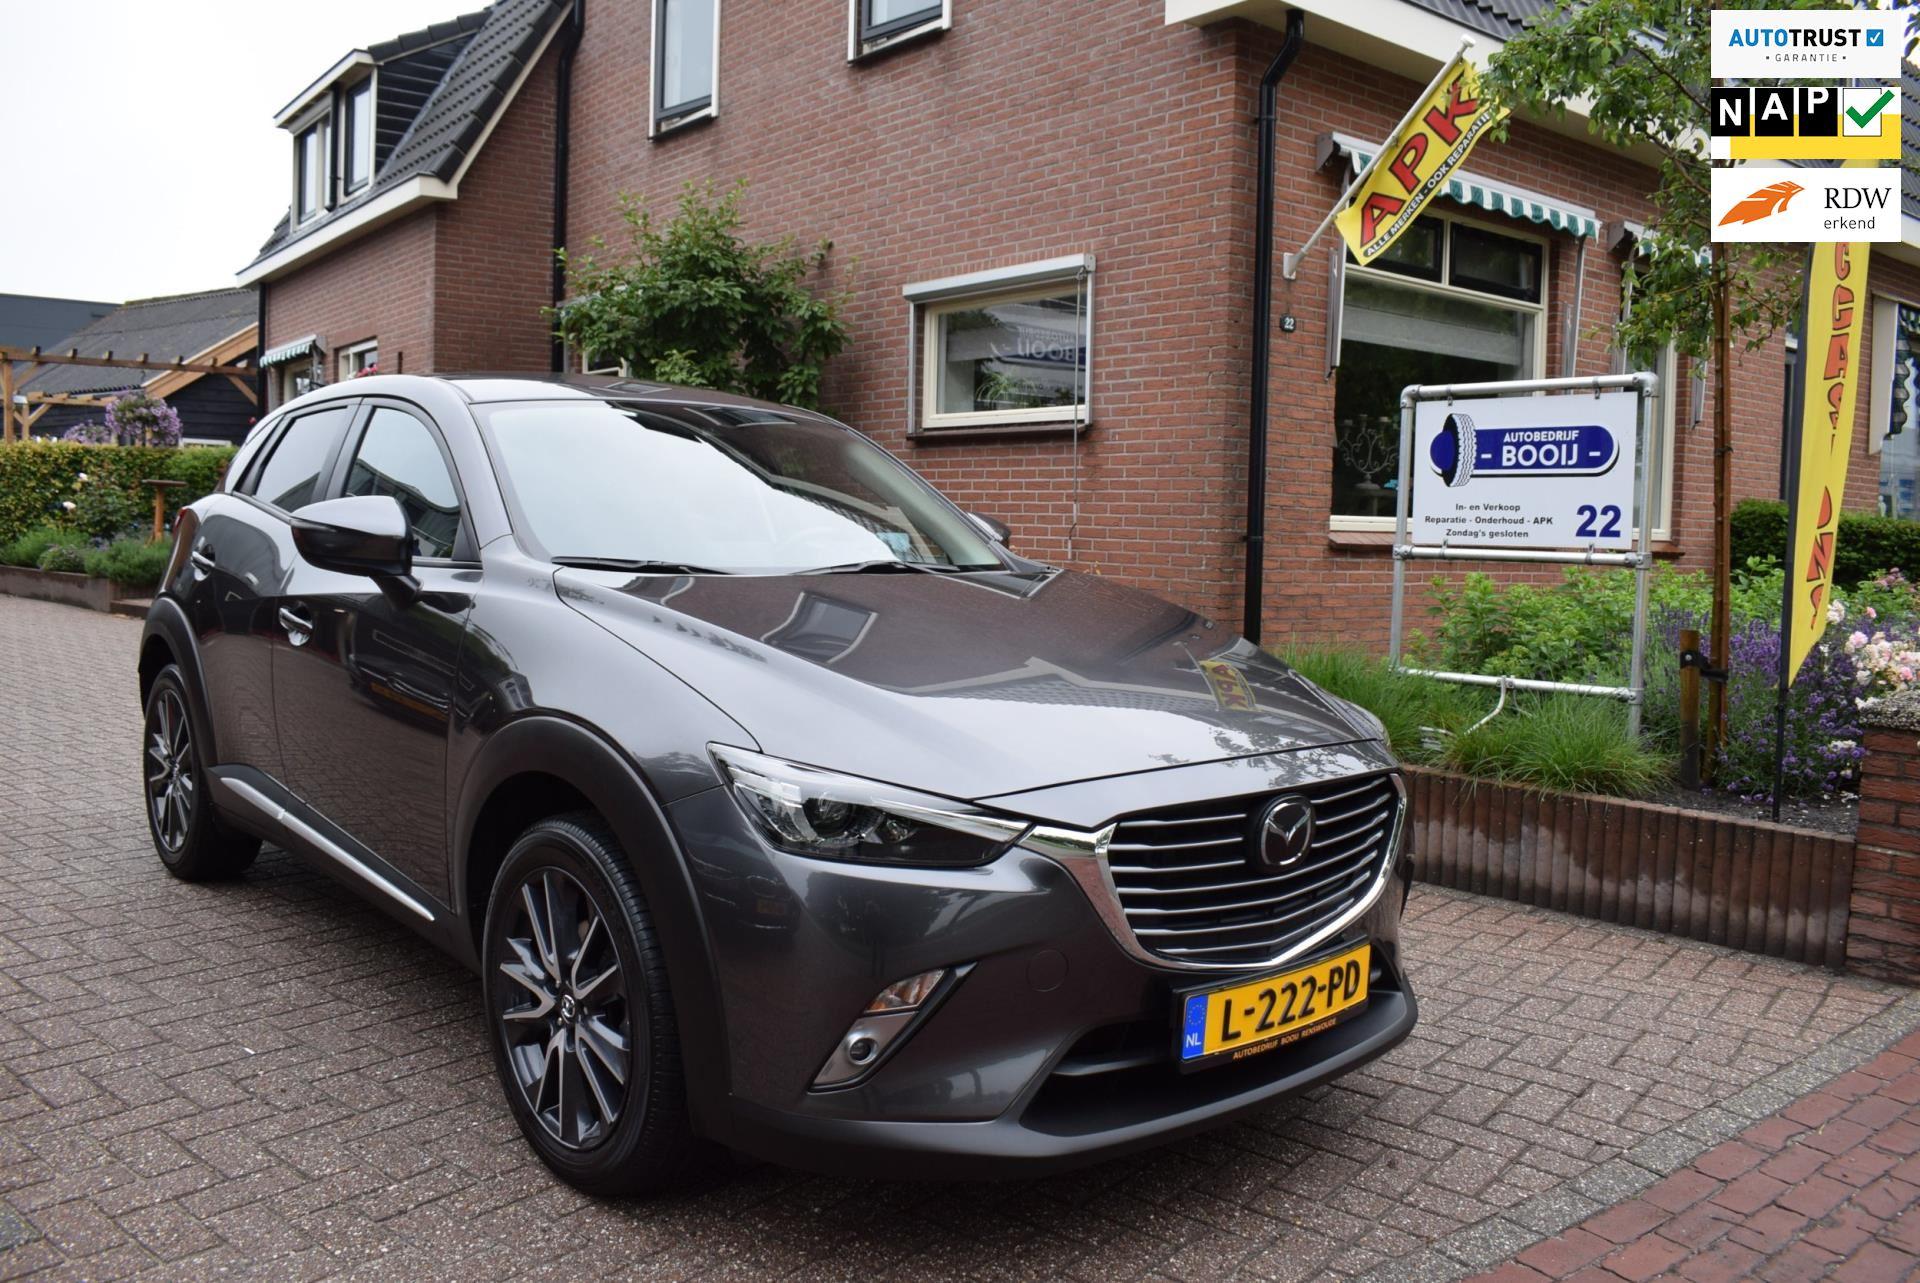 Mazda CX-3 occasion - Autobedrijf Booij